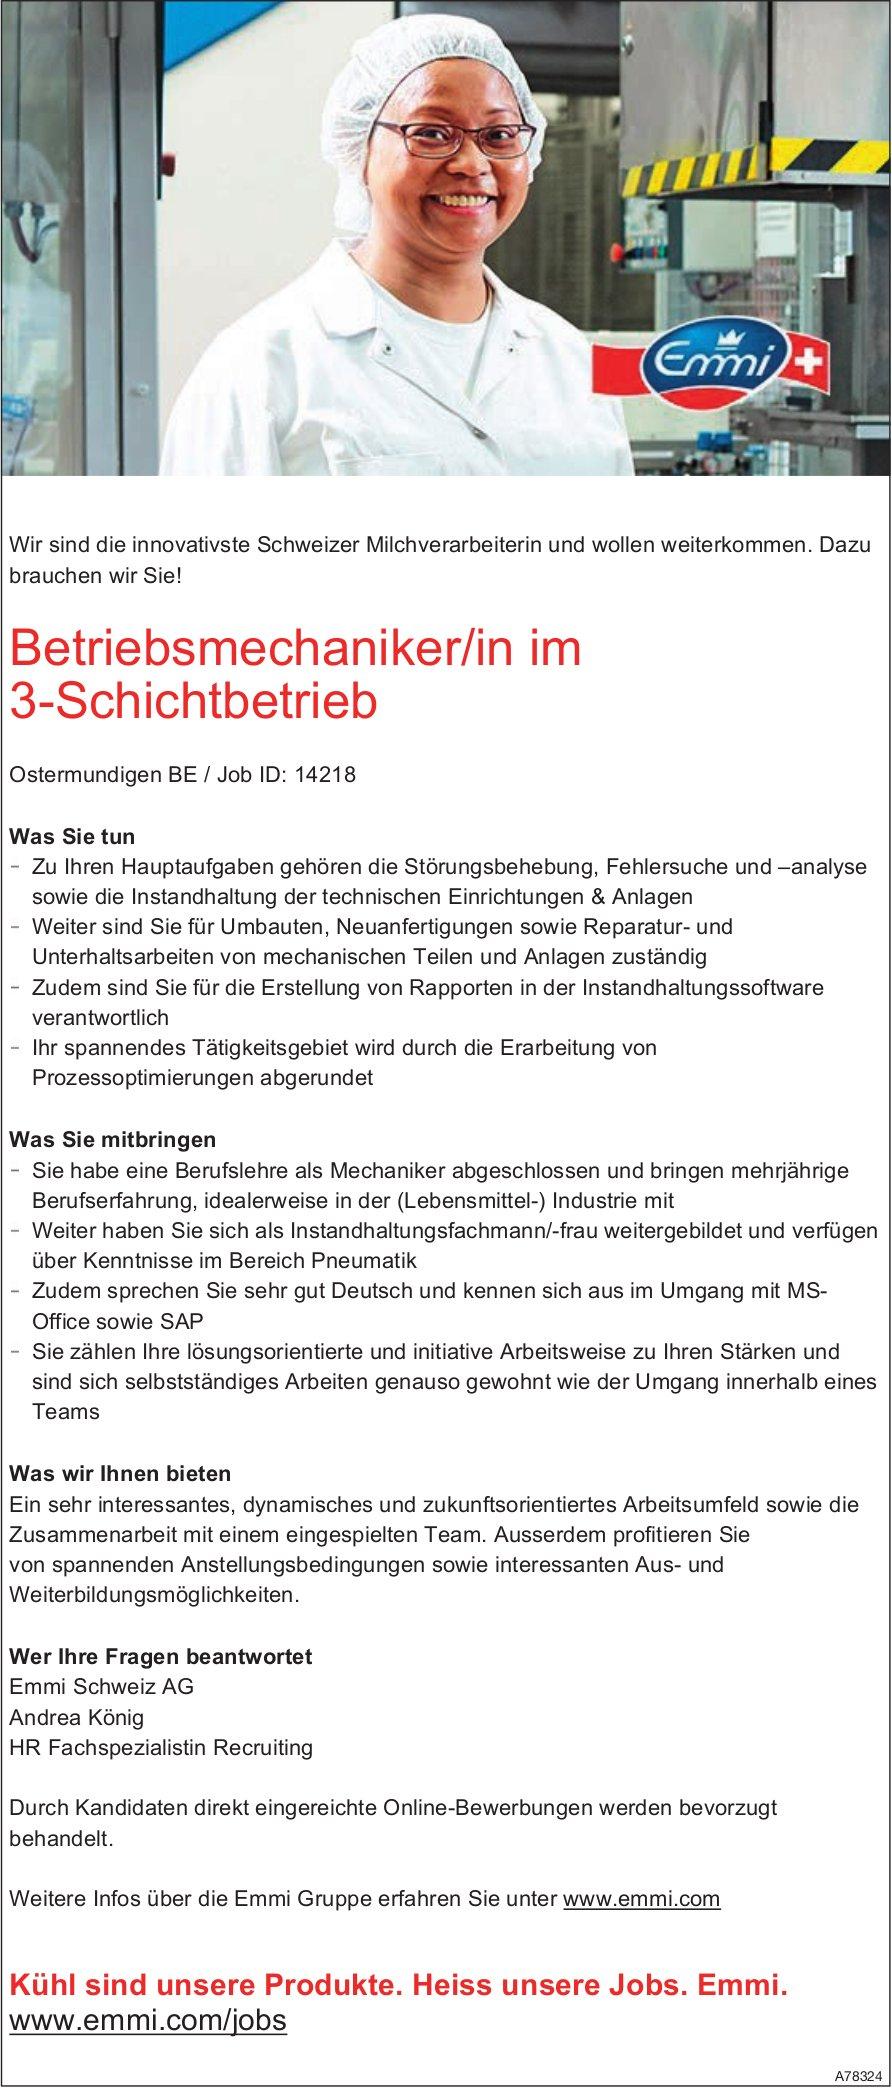 Betriebsmechaniker/in im 3-Schichtbetrieb, Emmi Schweiz AG, Ostermundigen BE, gesucht